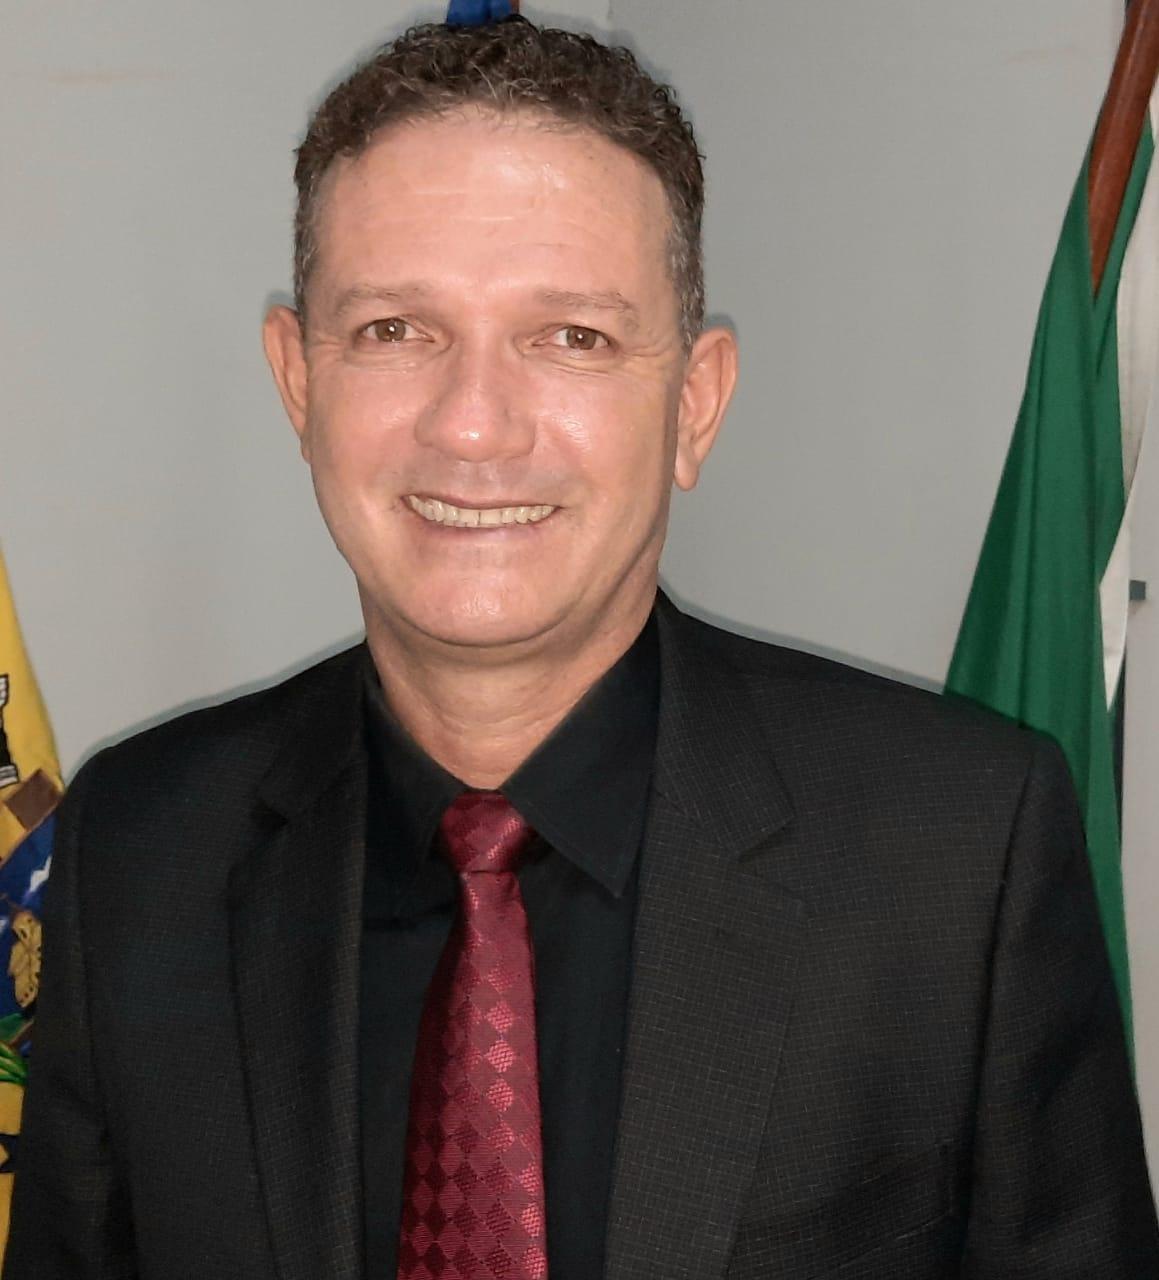 Élio Justiniano Alves